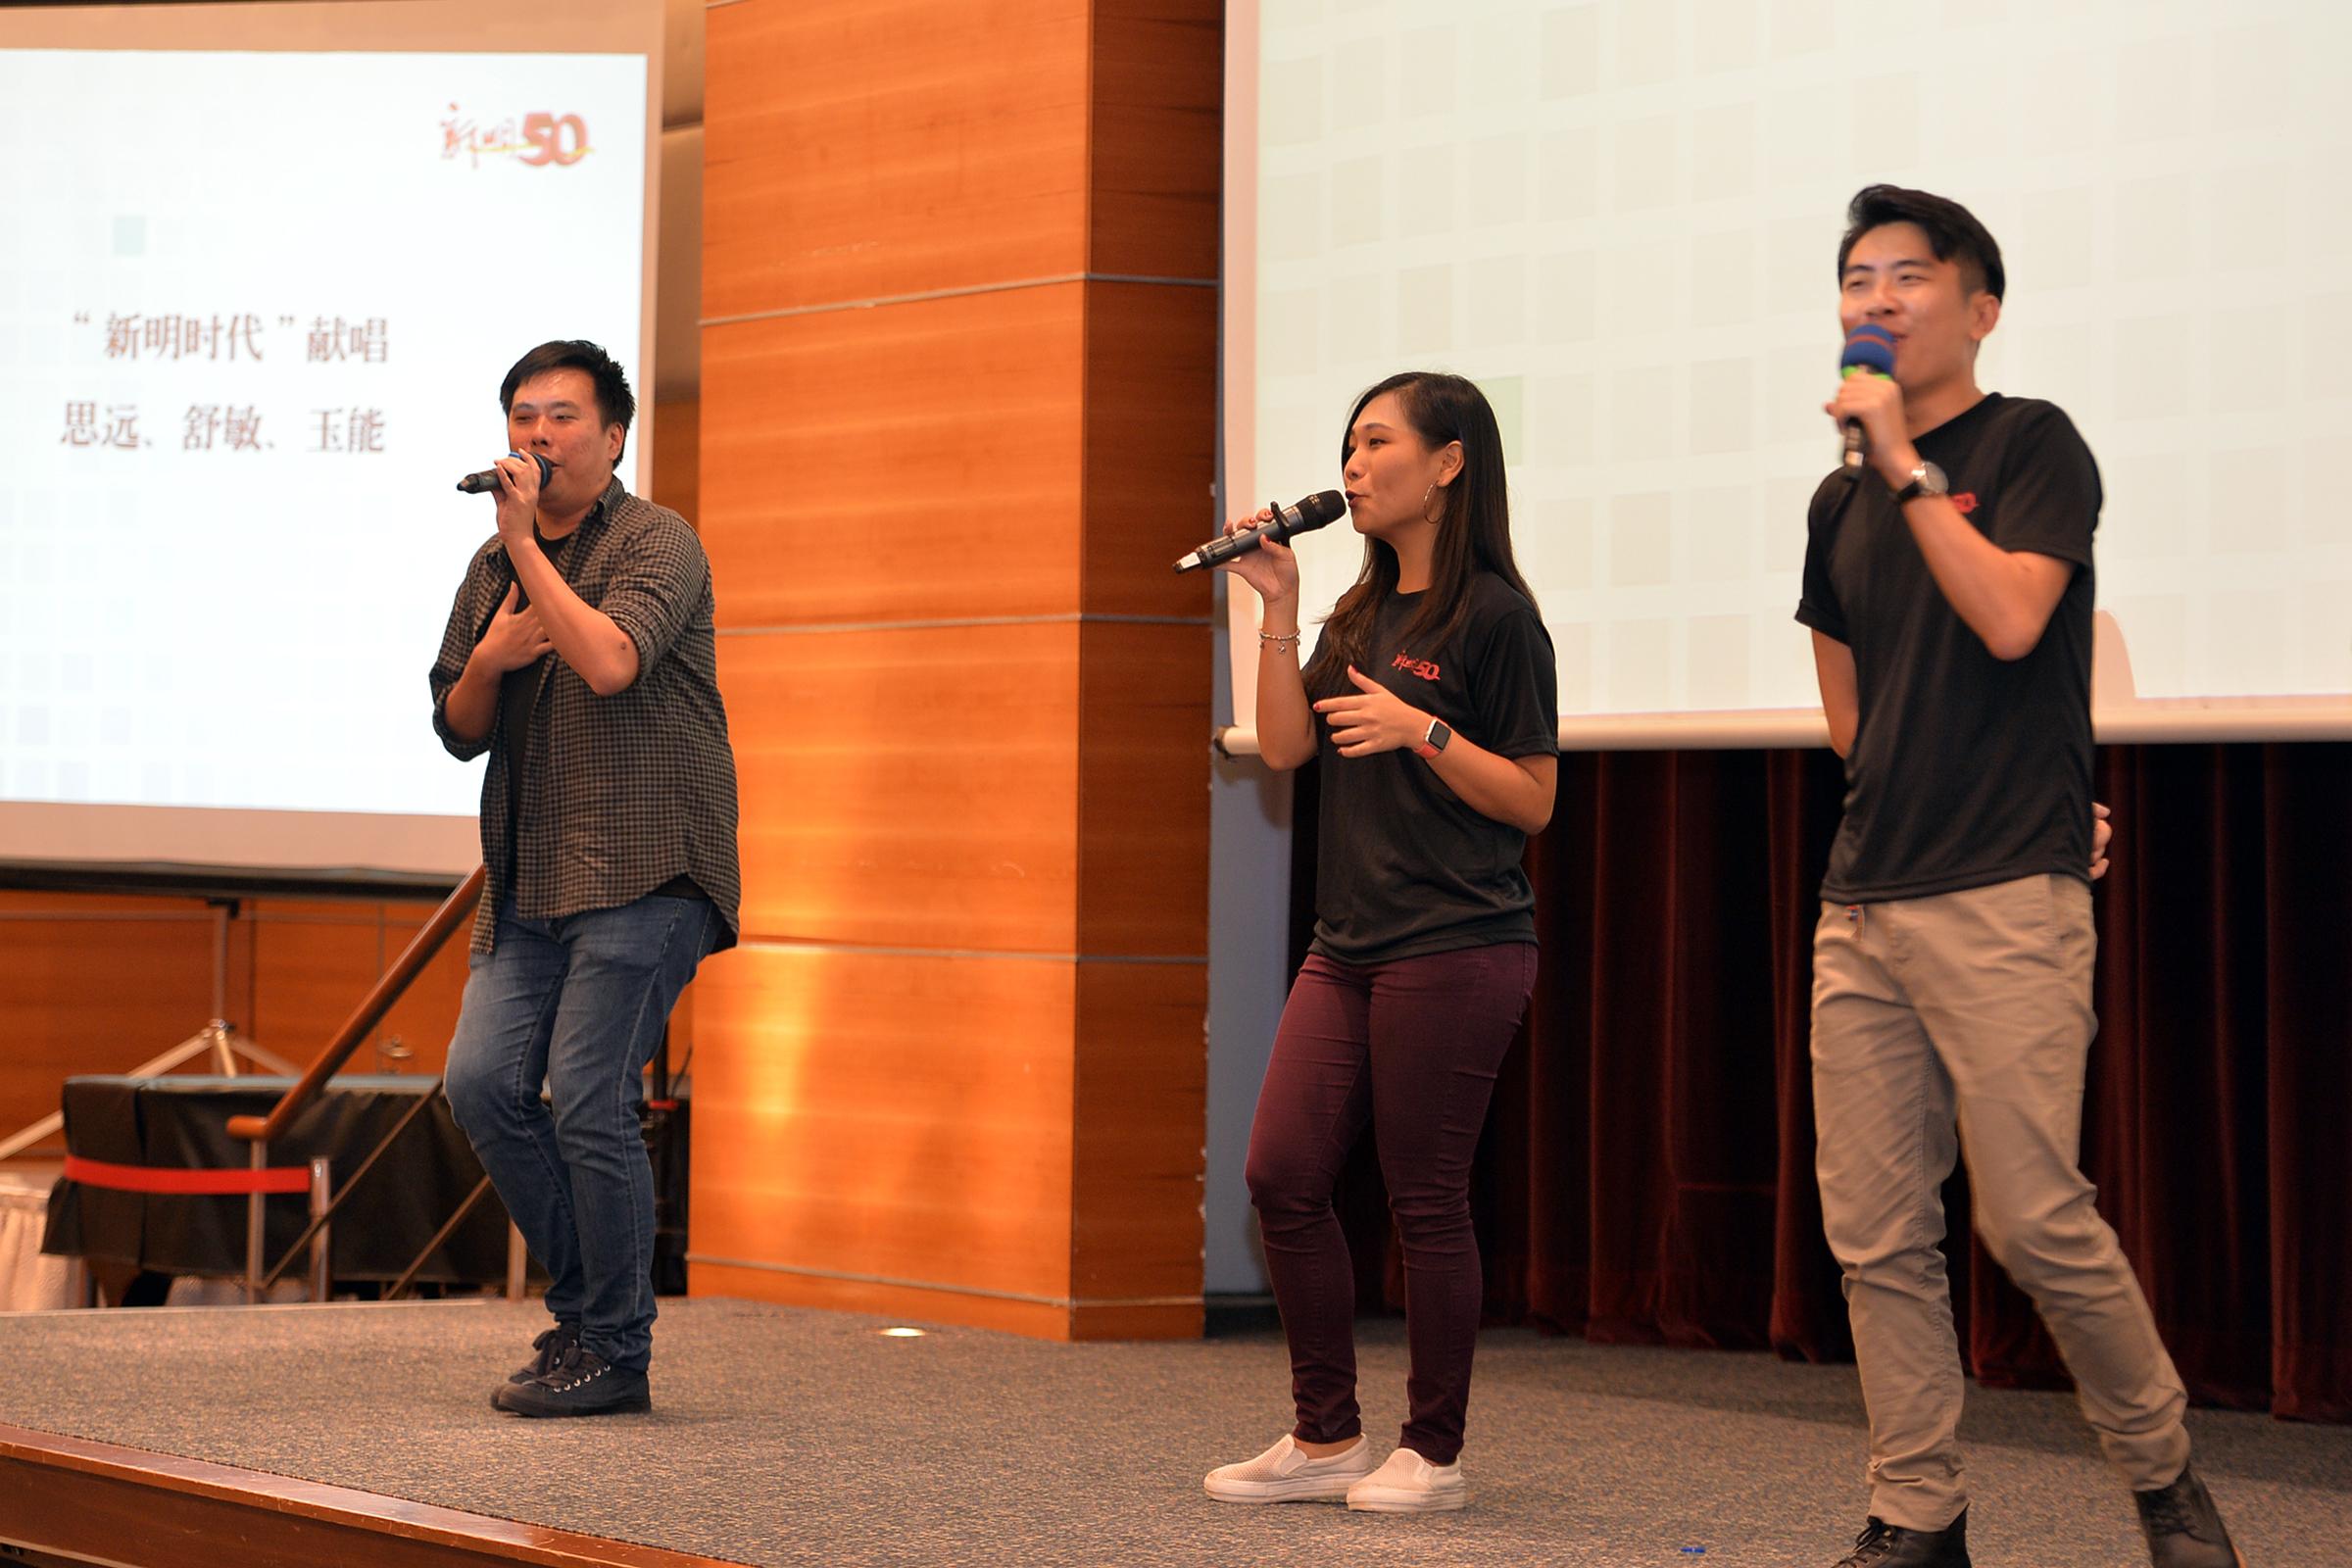 本报《新明时代》三名成员(左起)陈玉能、许舒敏和余思远现场演唱。